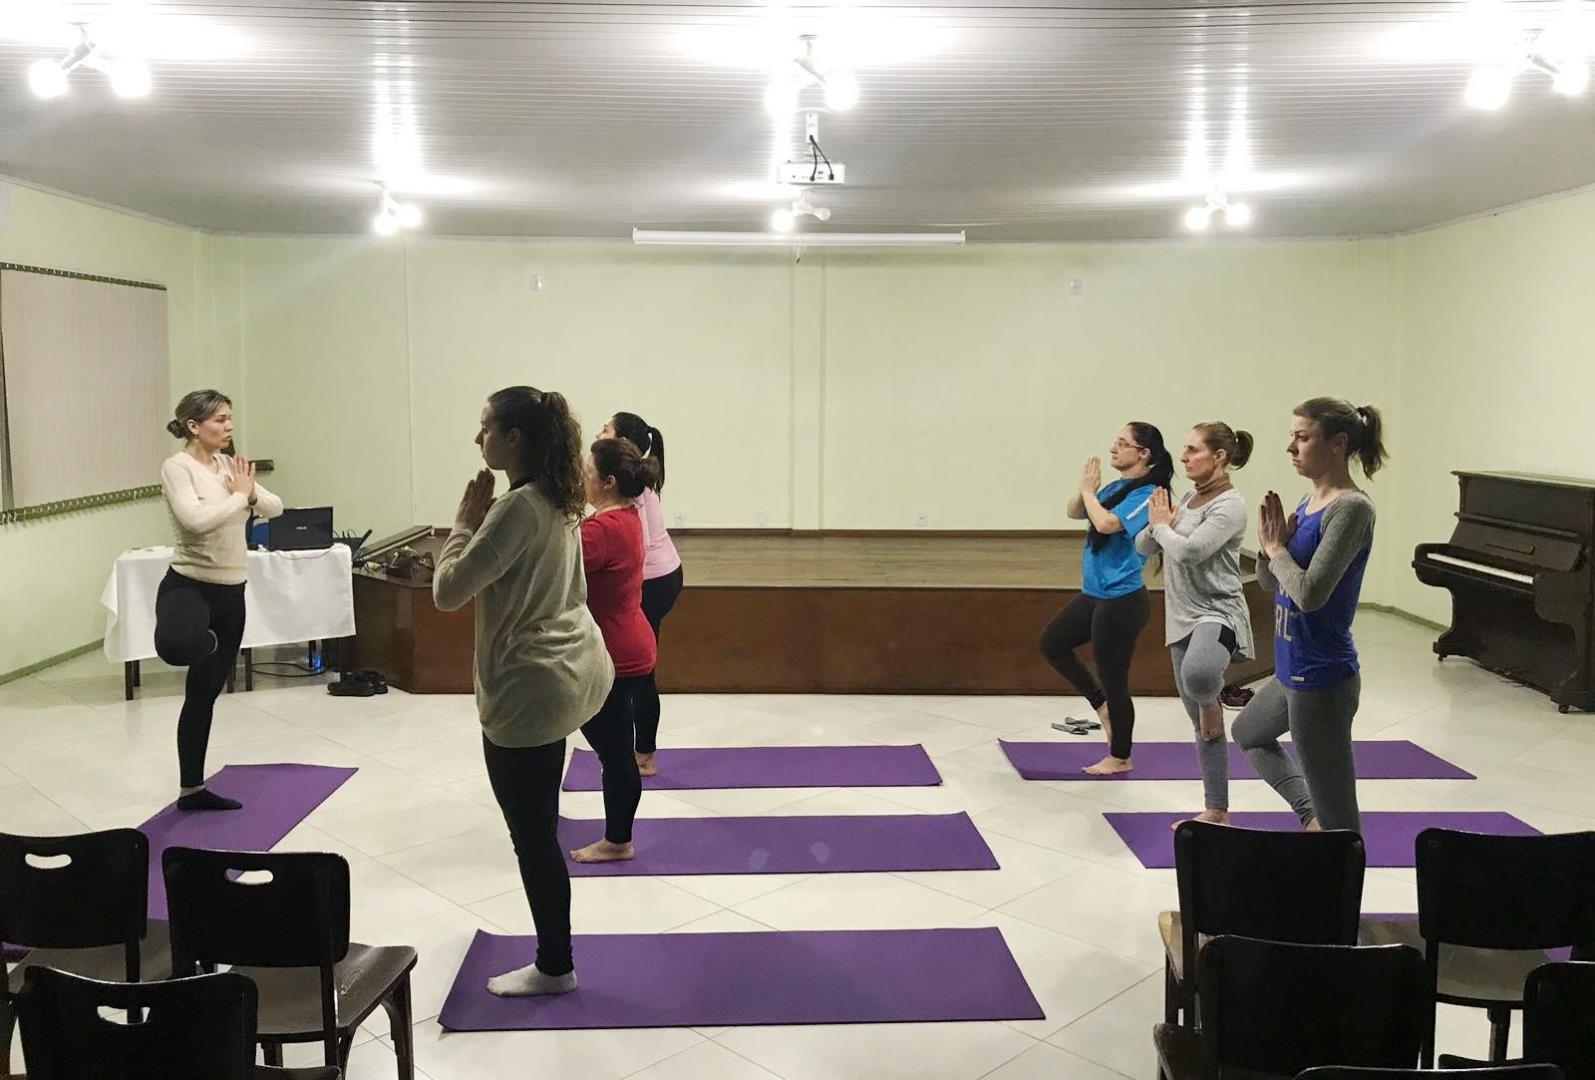 Atividades do segundo semestre das Trilhas de Aprendizagem da Faculdade IENH iniciam com Hatha Yoga